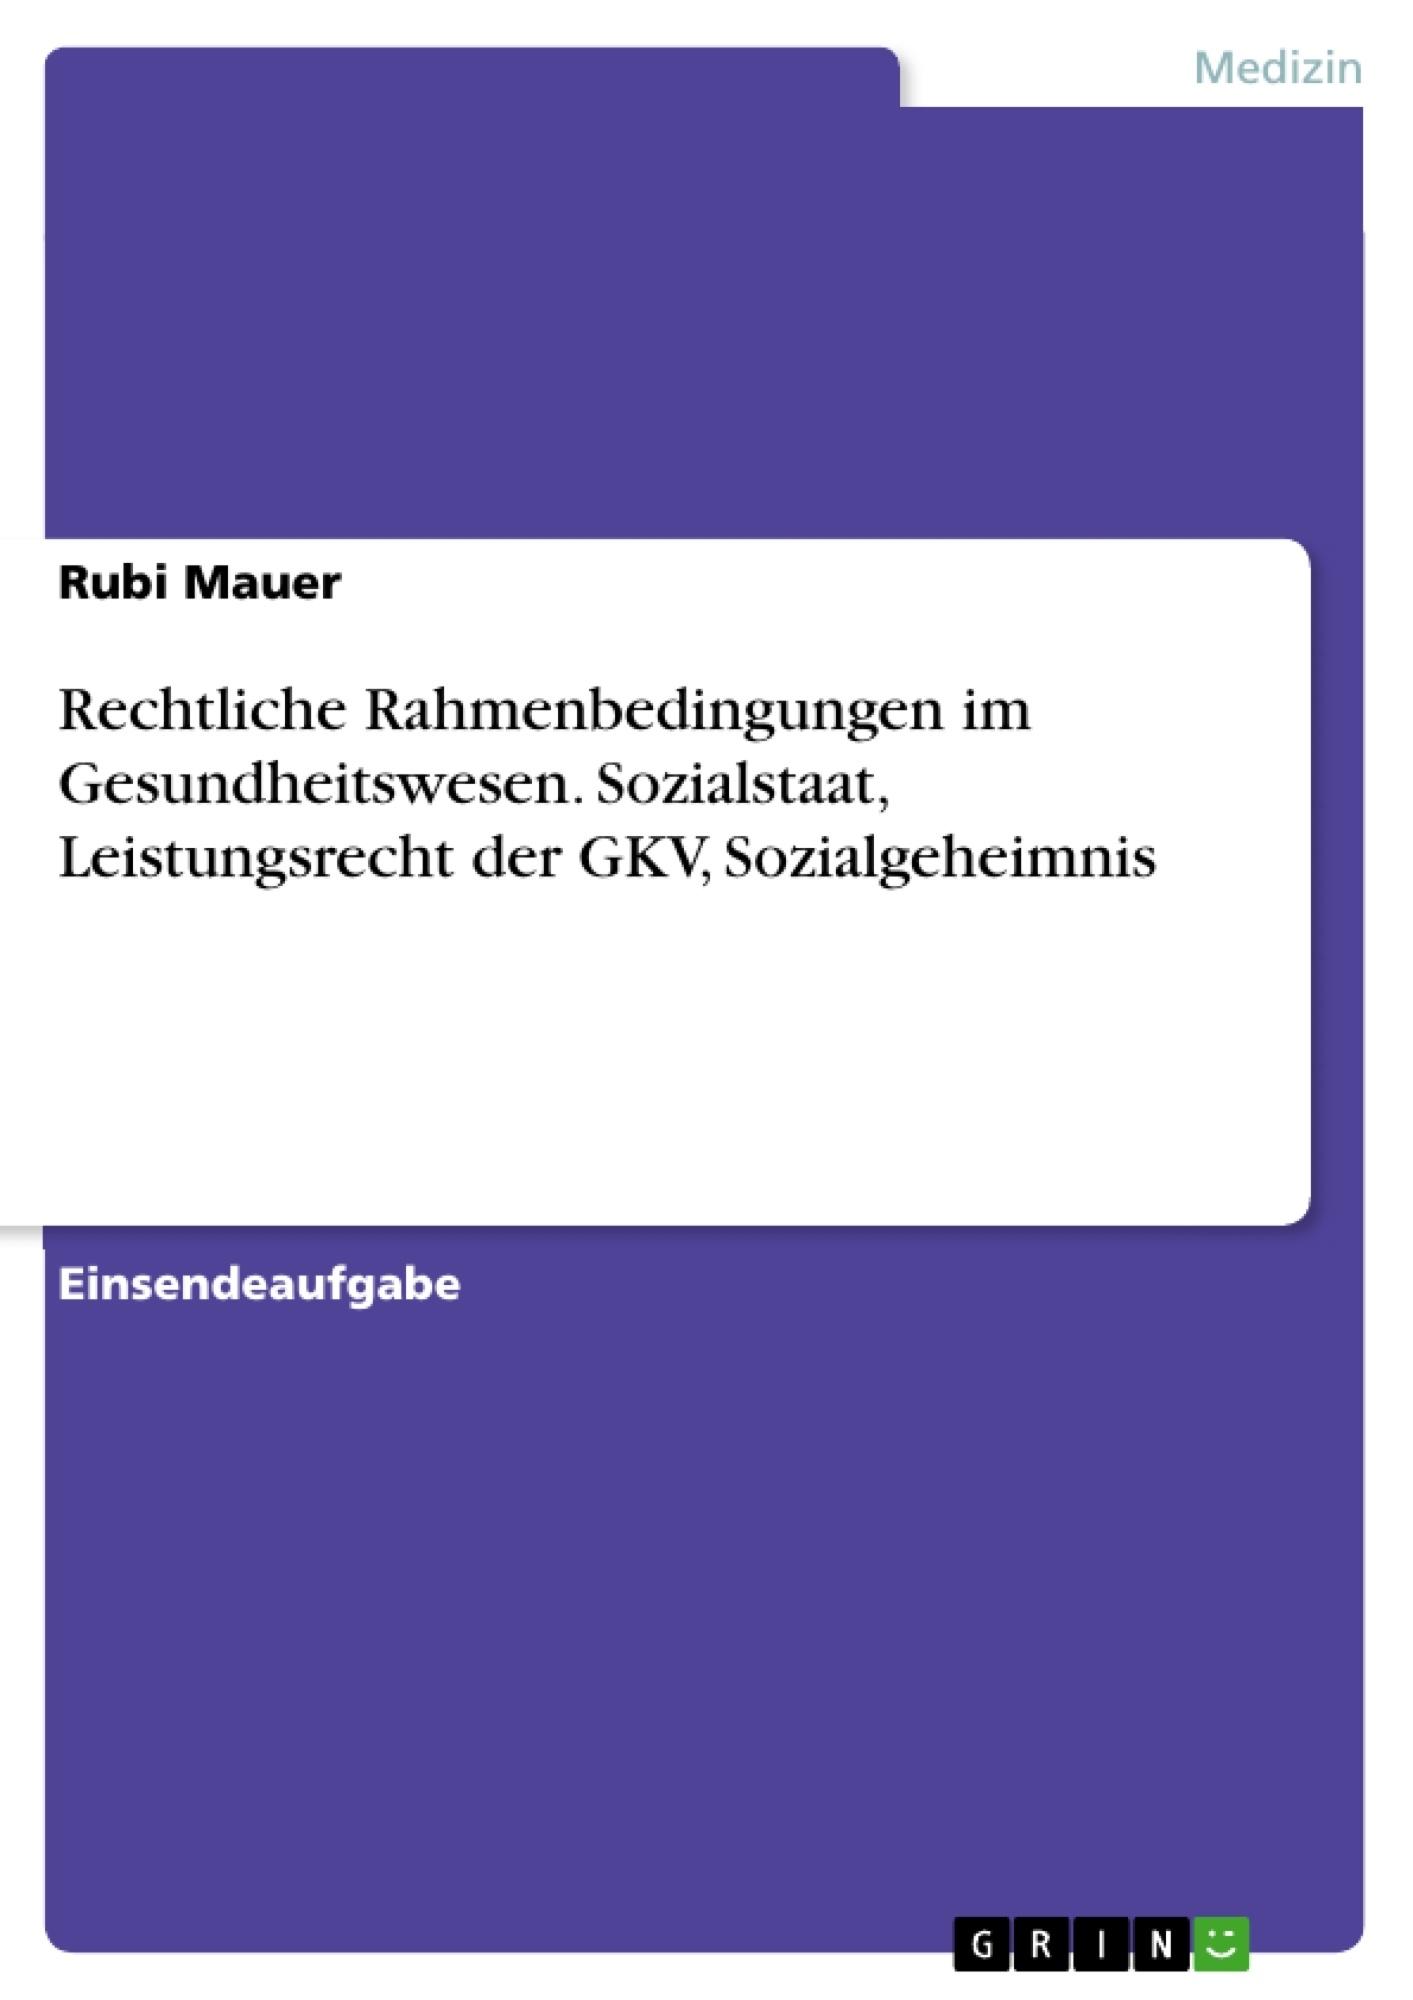 Titel: Rechtliche Rahmenbedingungen im Gesundheitswesen. Sozialstaat, Leistungsrecht der GKV, Sozialgeheimnis